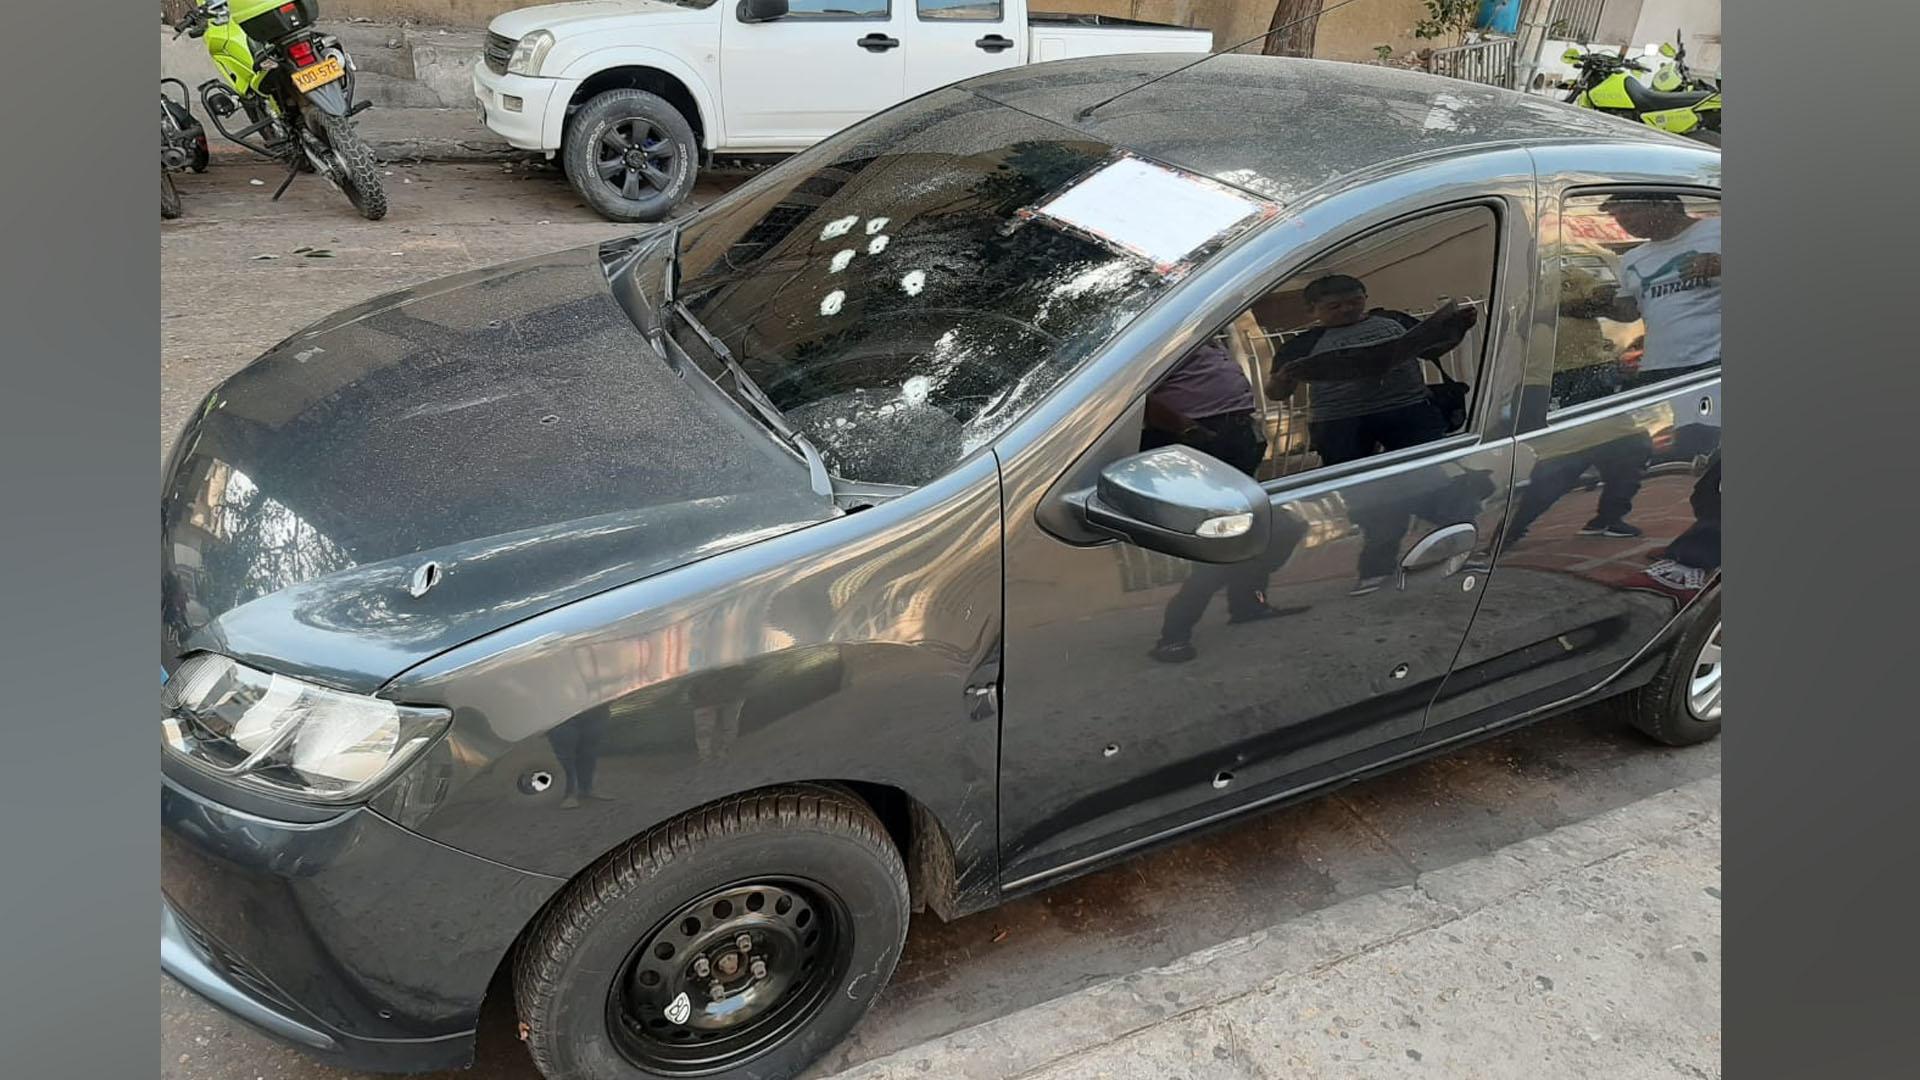 El vehículo en el que se movilizaban los agentes de la Policía recibió varios tiros durante el enfrentamiento.